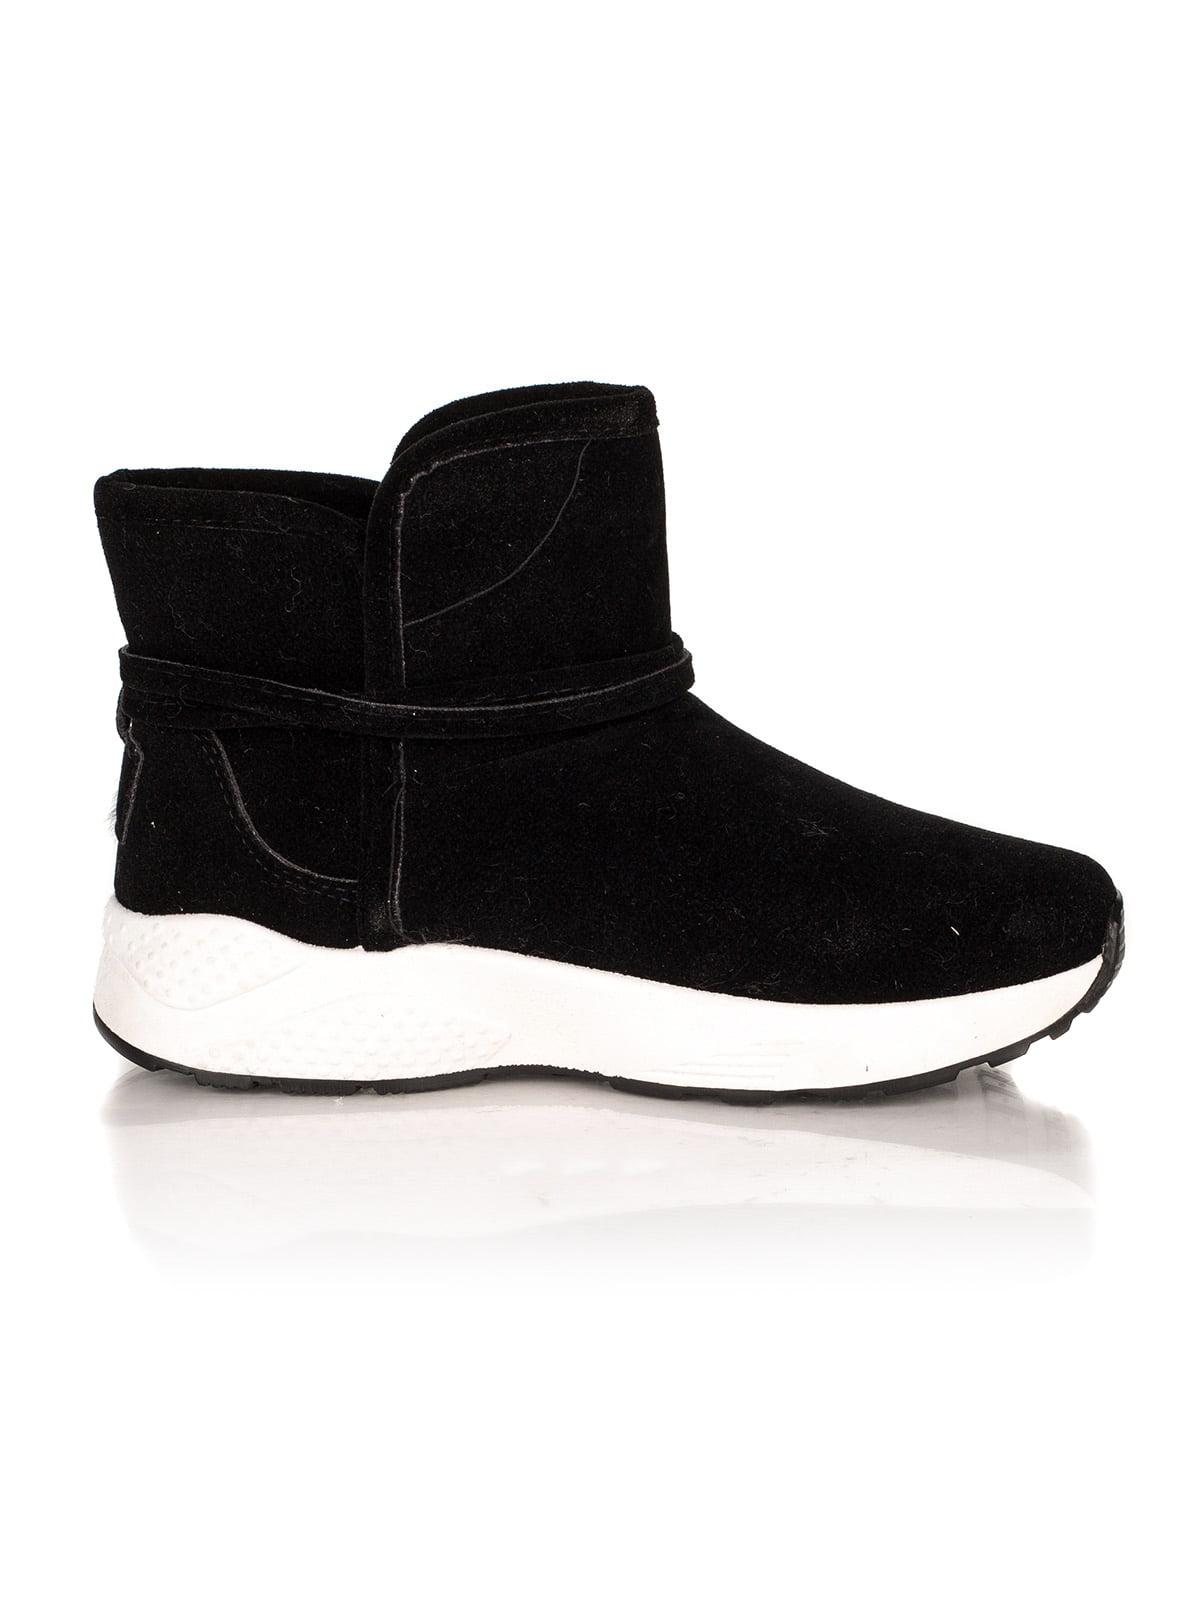 Ботинки черные | 4445735 | фото 2